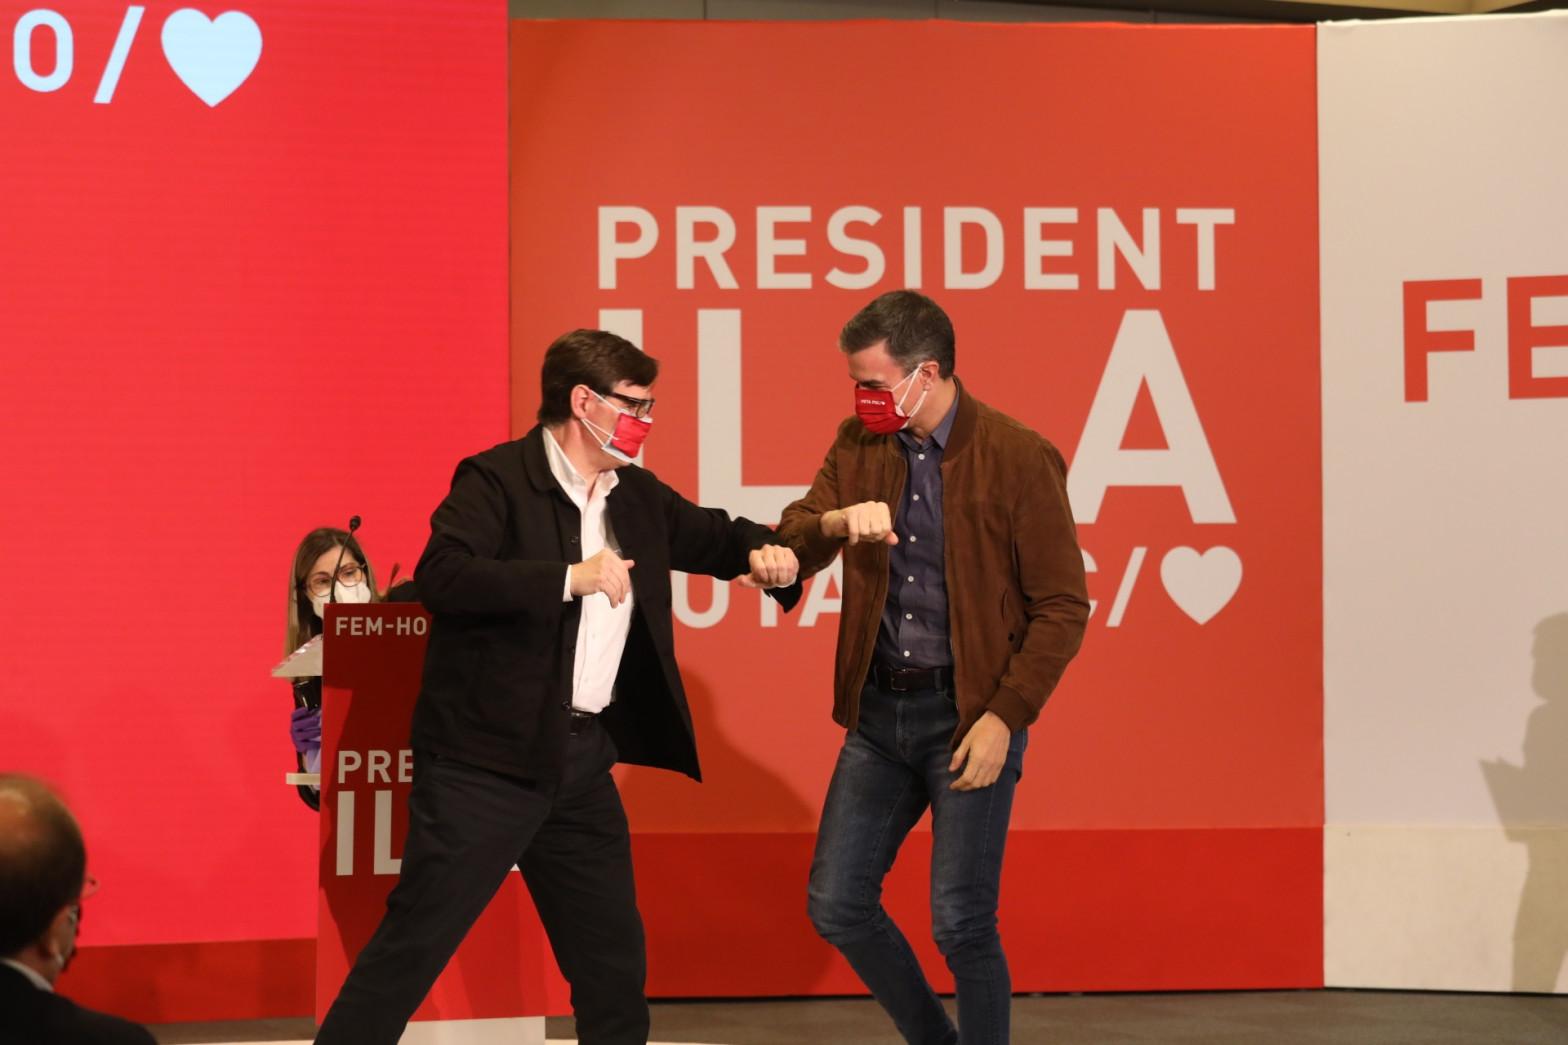 El PSOE traiciona a Podemos y revienta su anuncio estrella para el 14-F